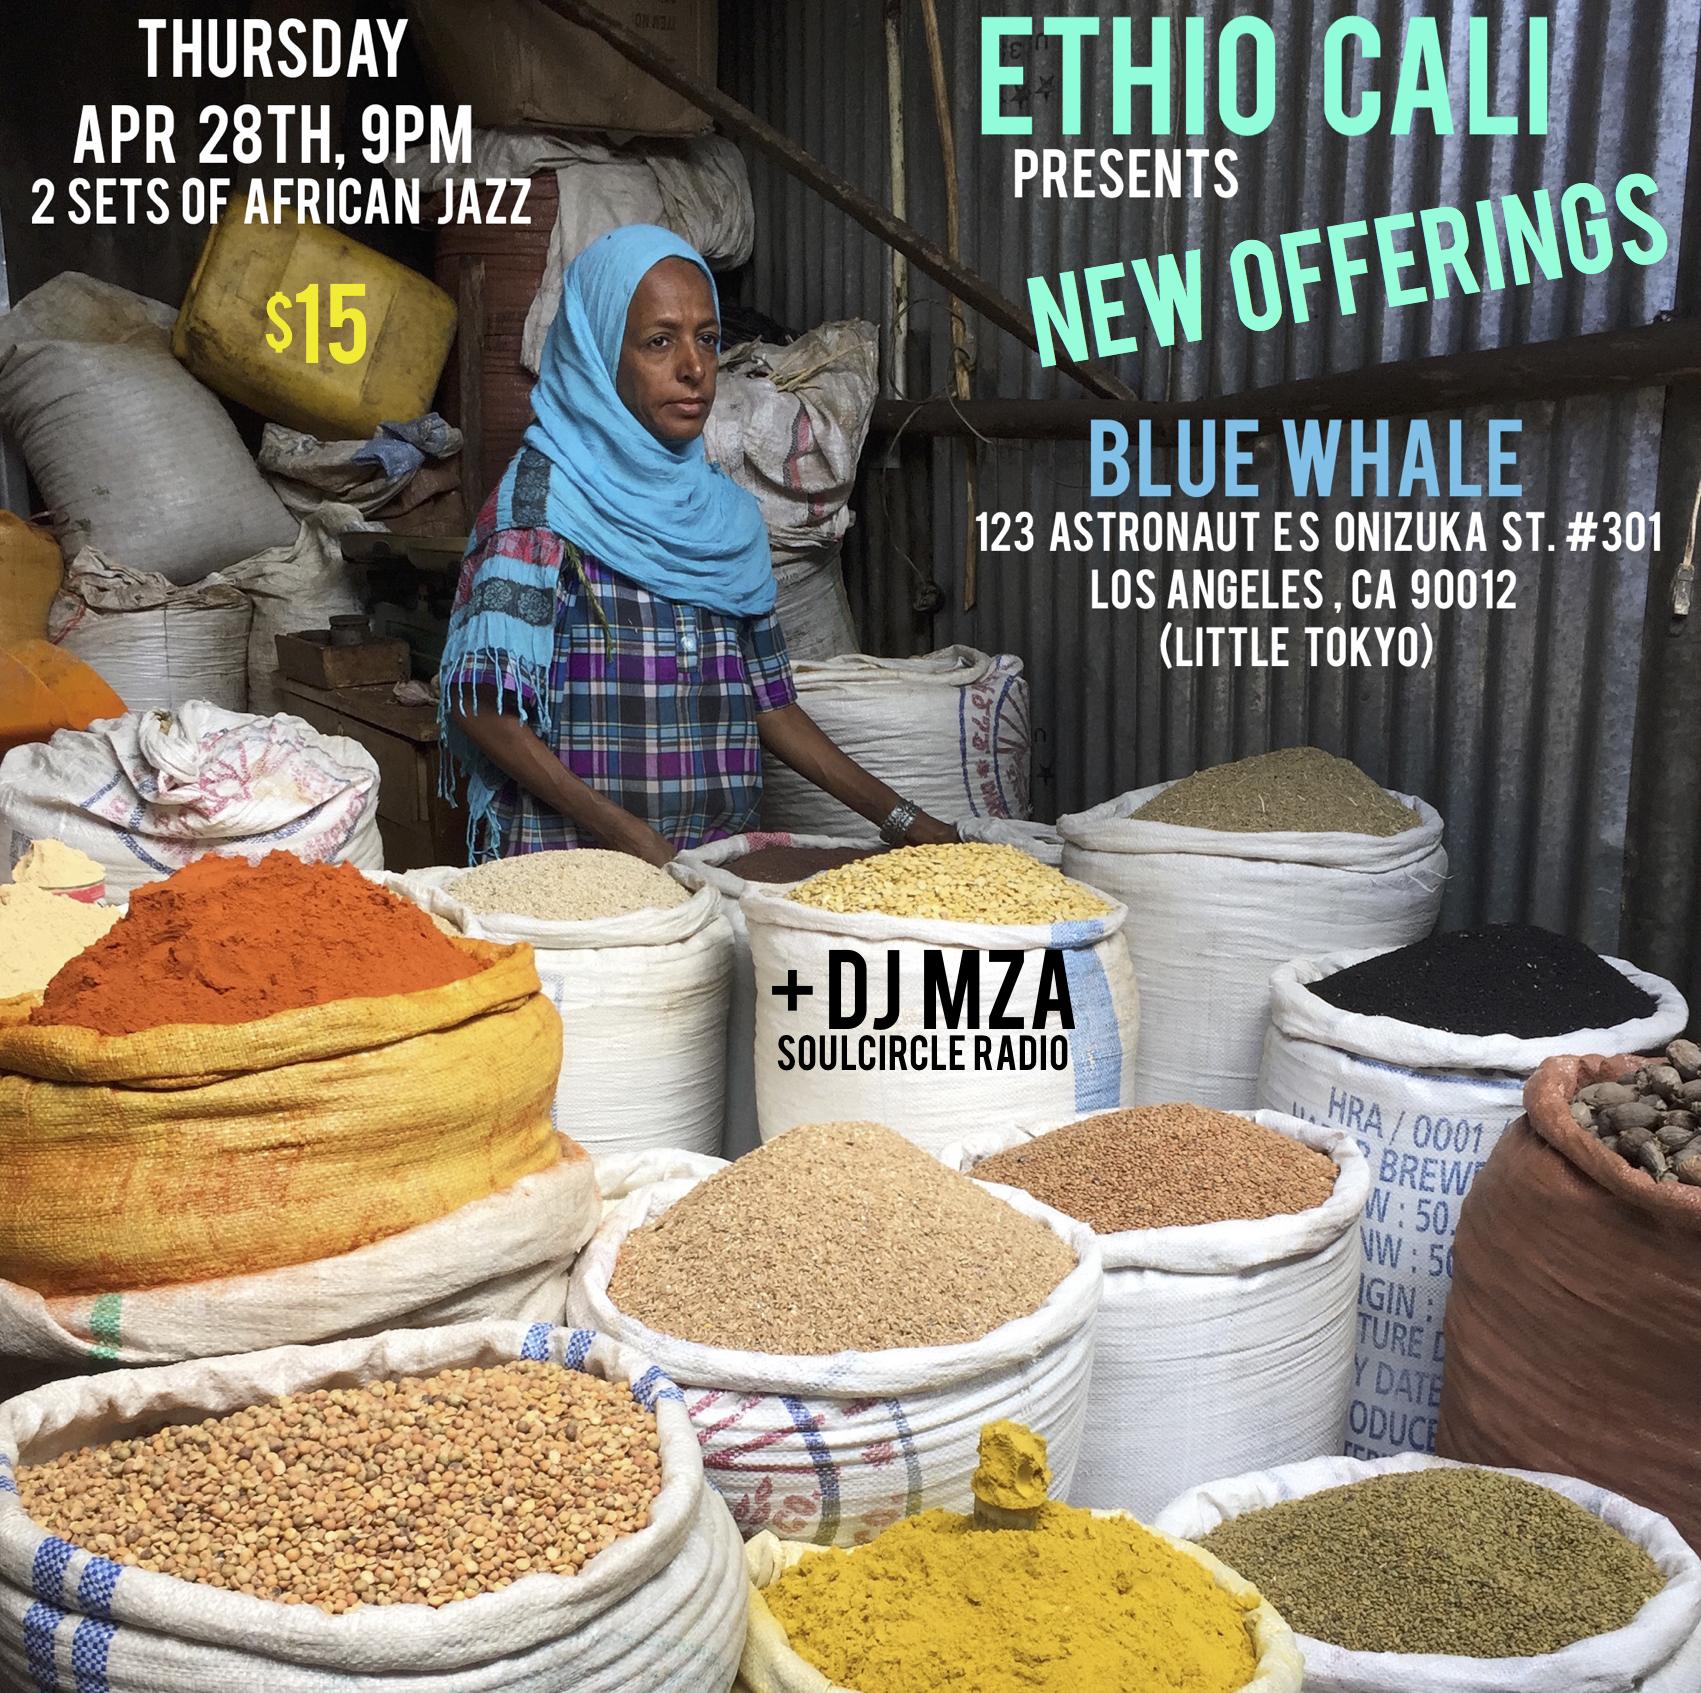 EthioCaliAPR28